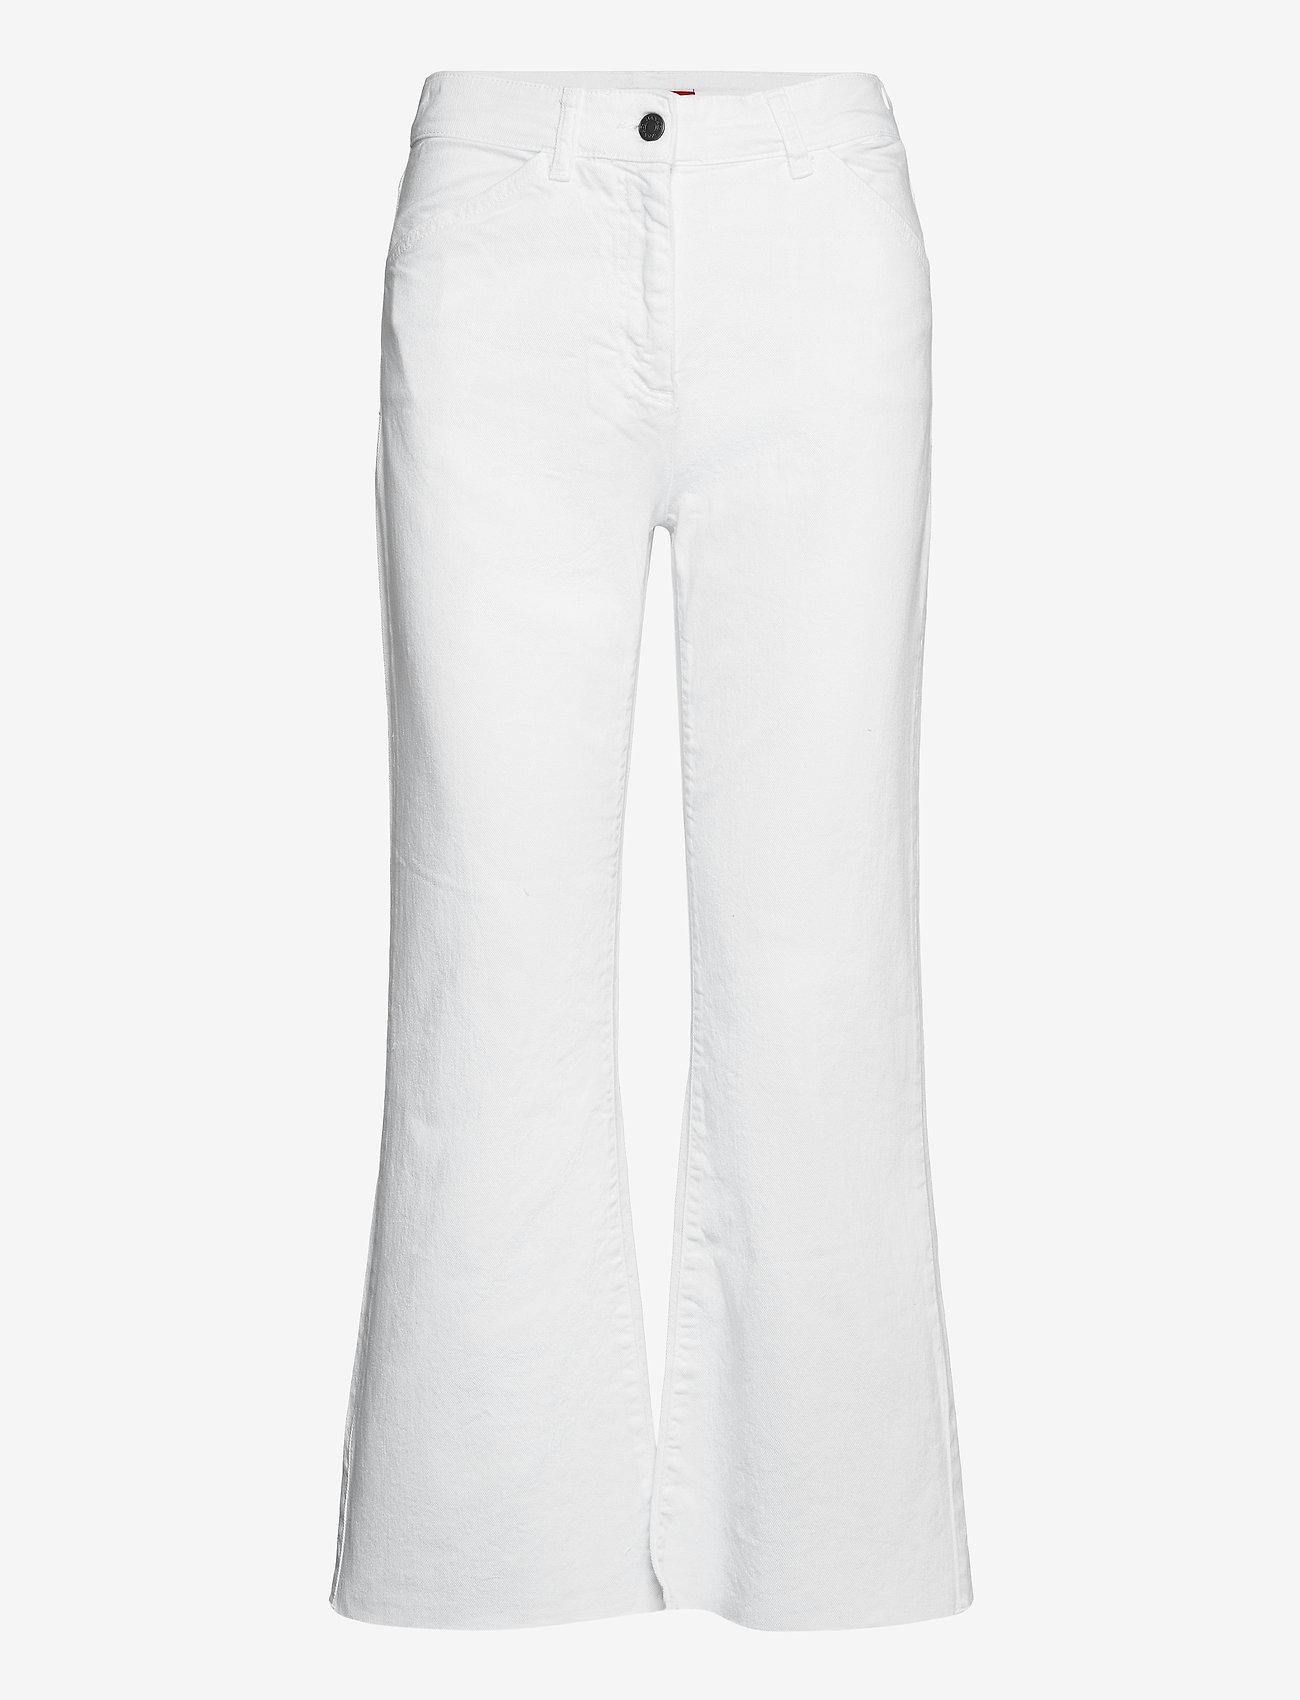 Max&Co. - SEMITONO - broeken - optic white - 0